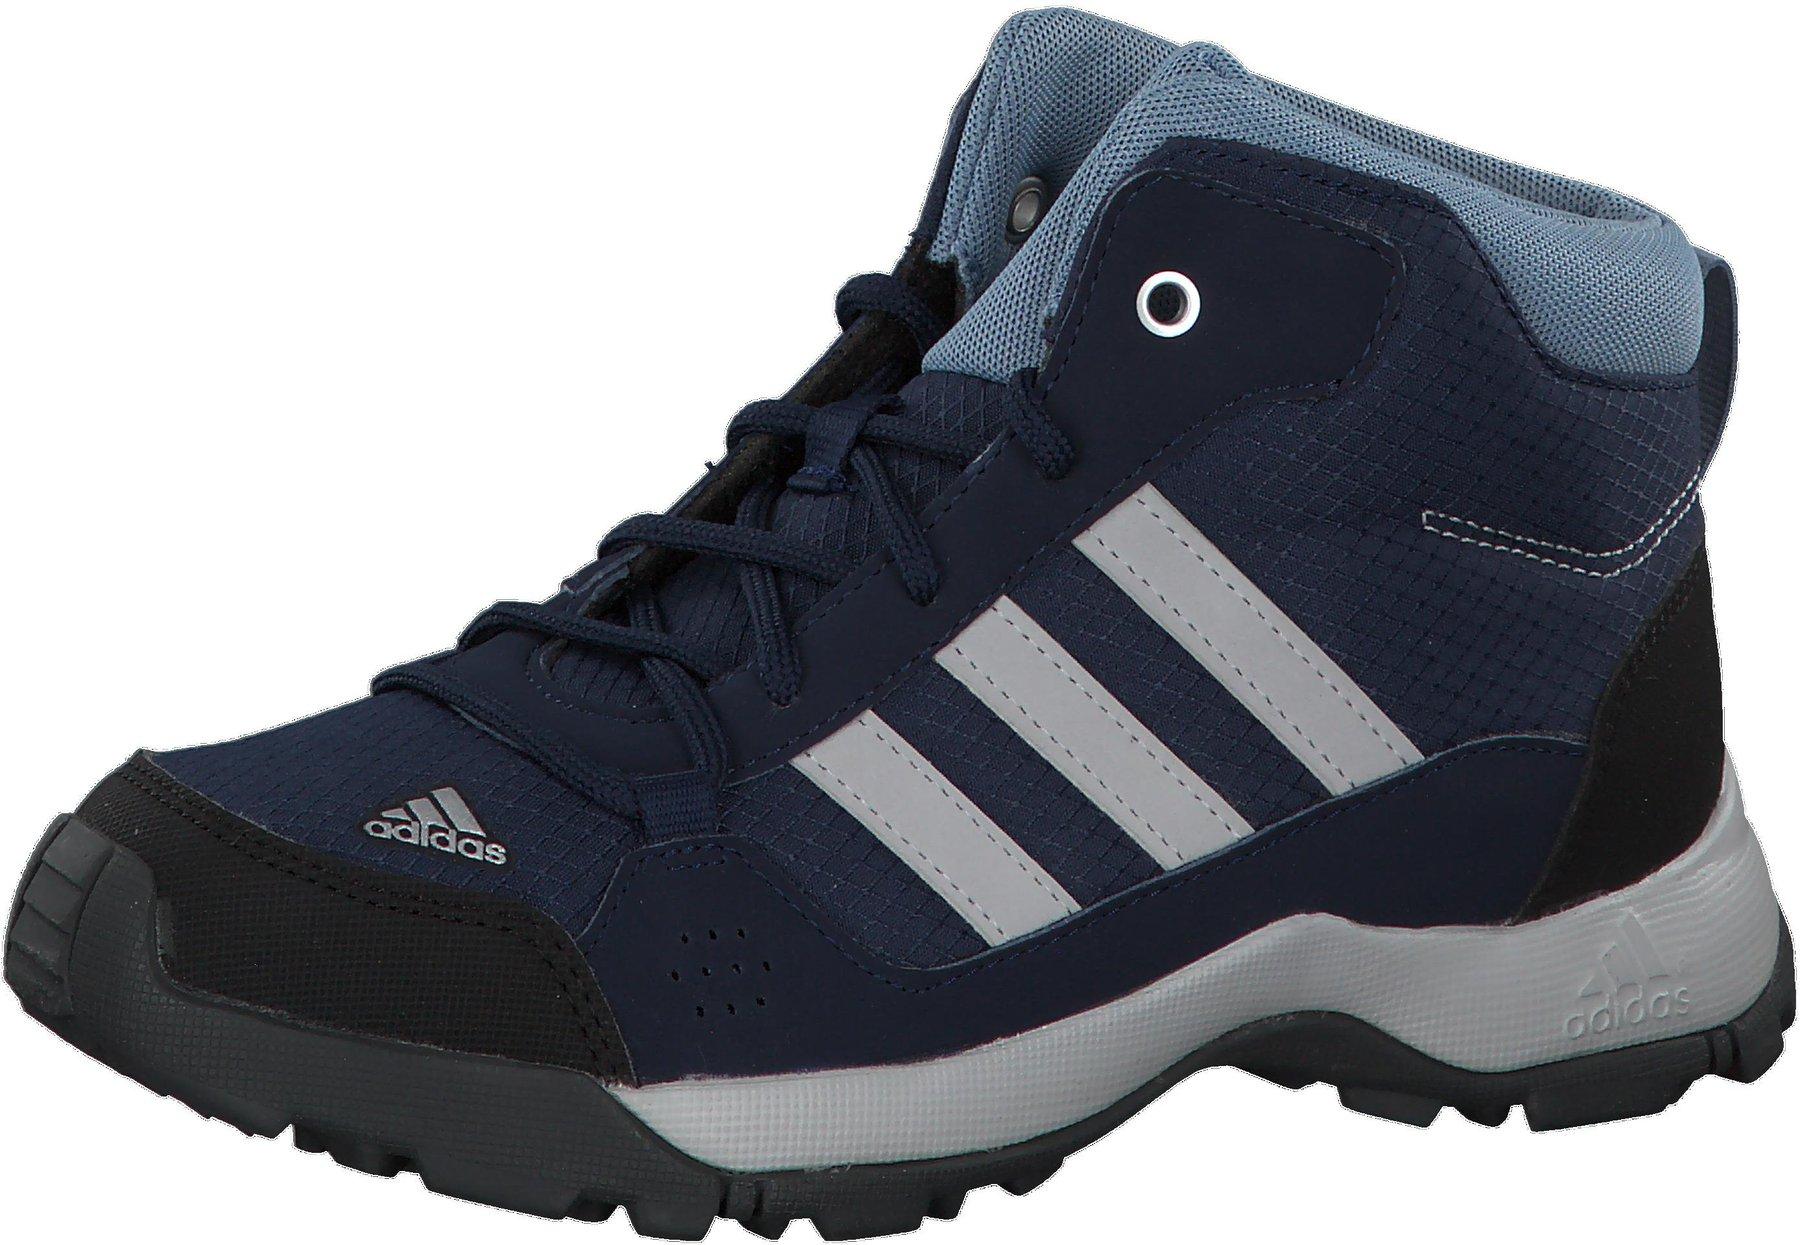 sale retailer 1e0a2 58878 Adidas HyperHiker Mid K (blau grau) günstig kaufen